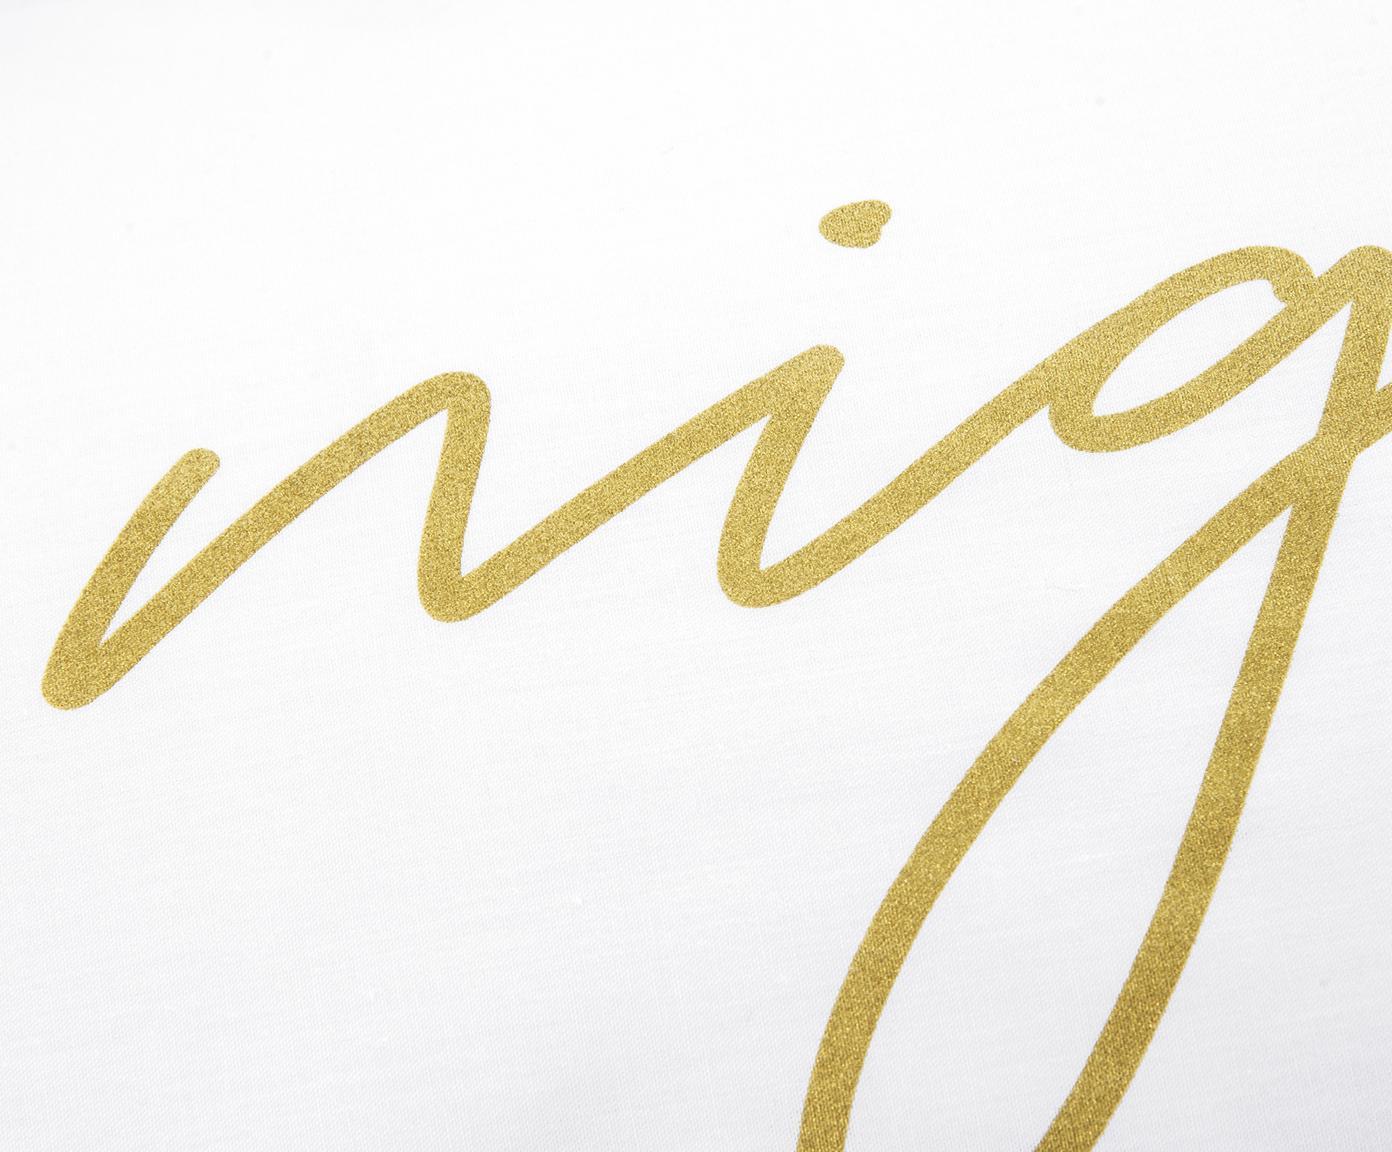 Pościel z perkalu Writings, Biały, odcienie złotego, 135 x 200 cm